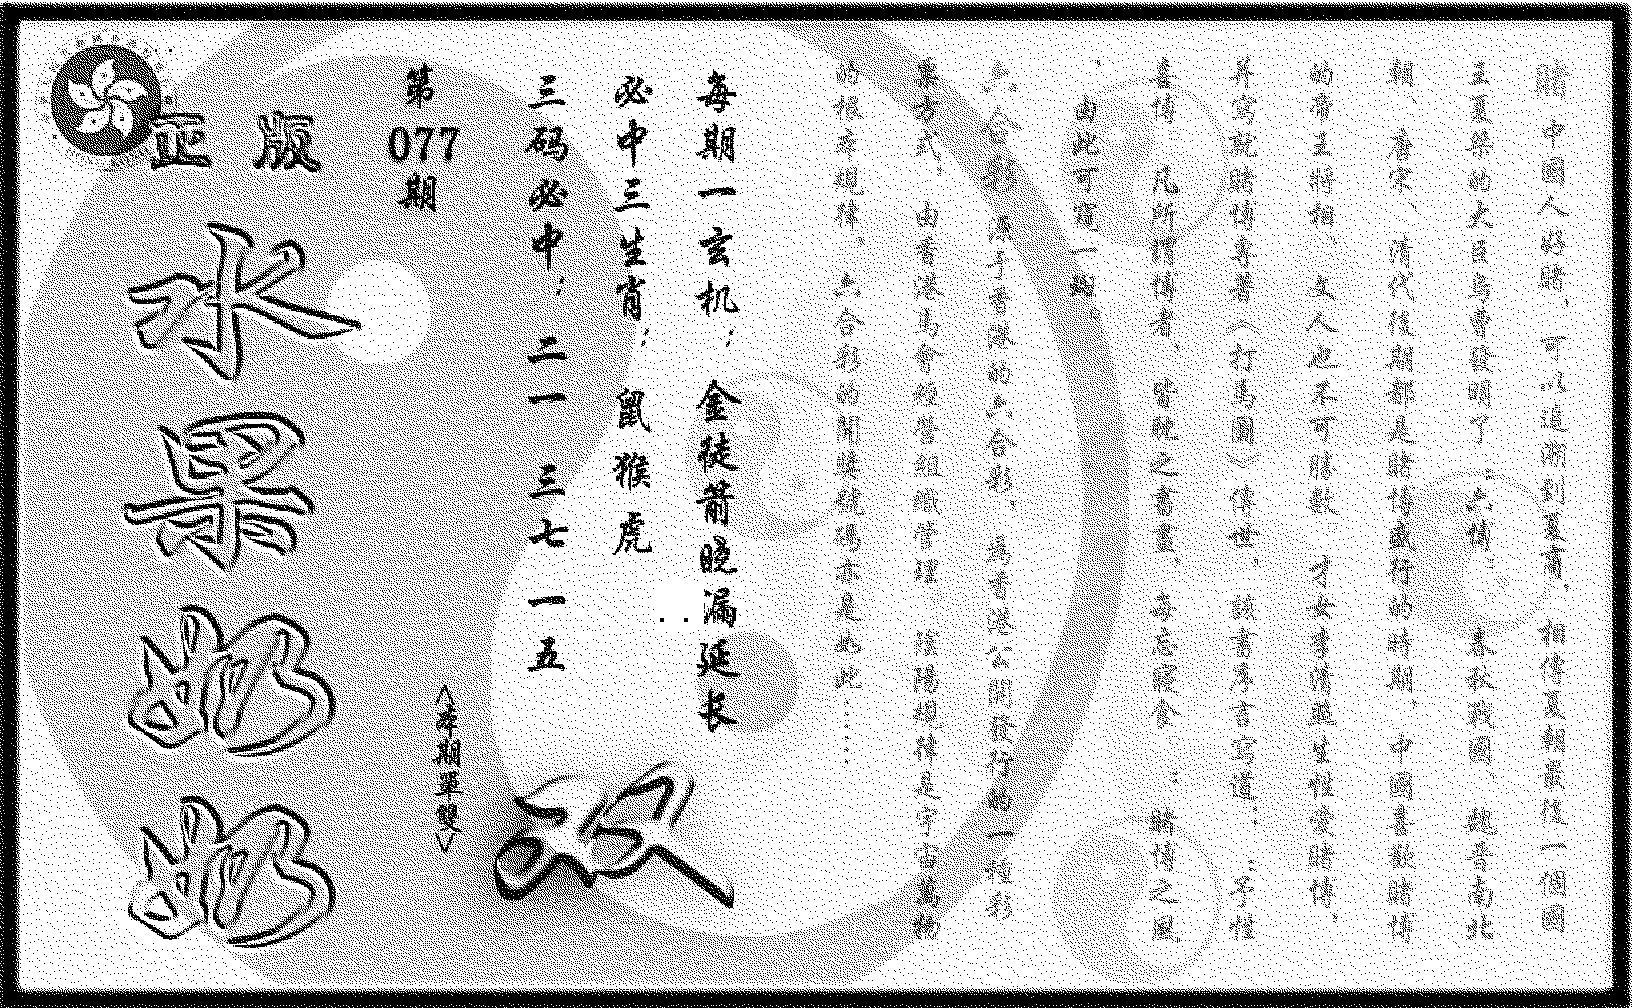 077期(九龙单双攻略)正版(黑白)